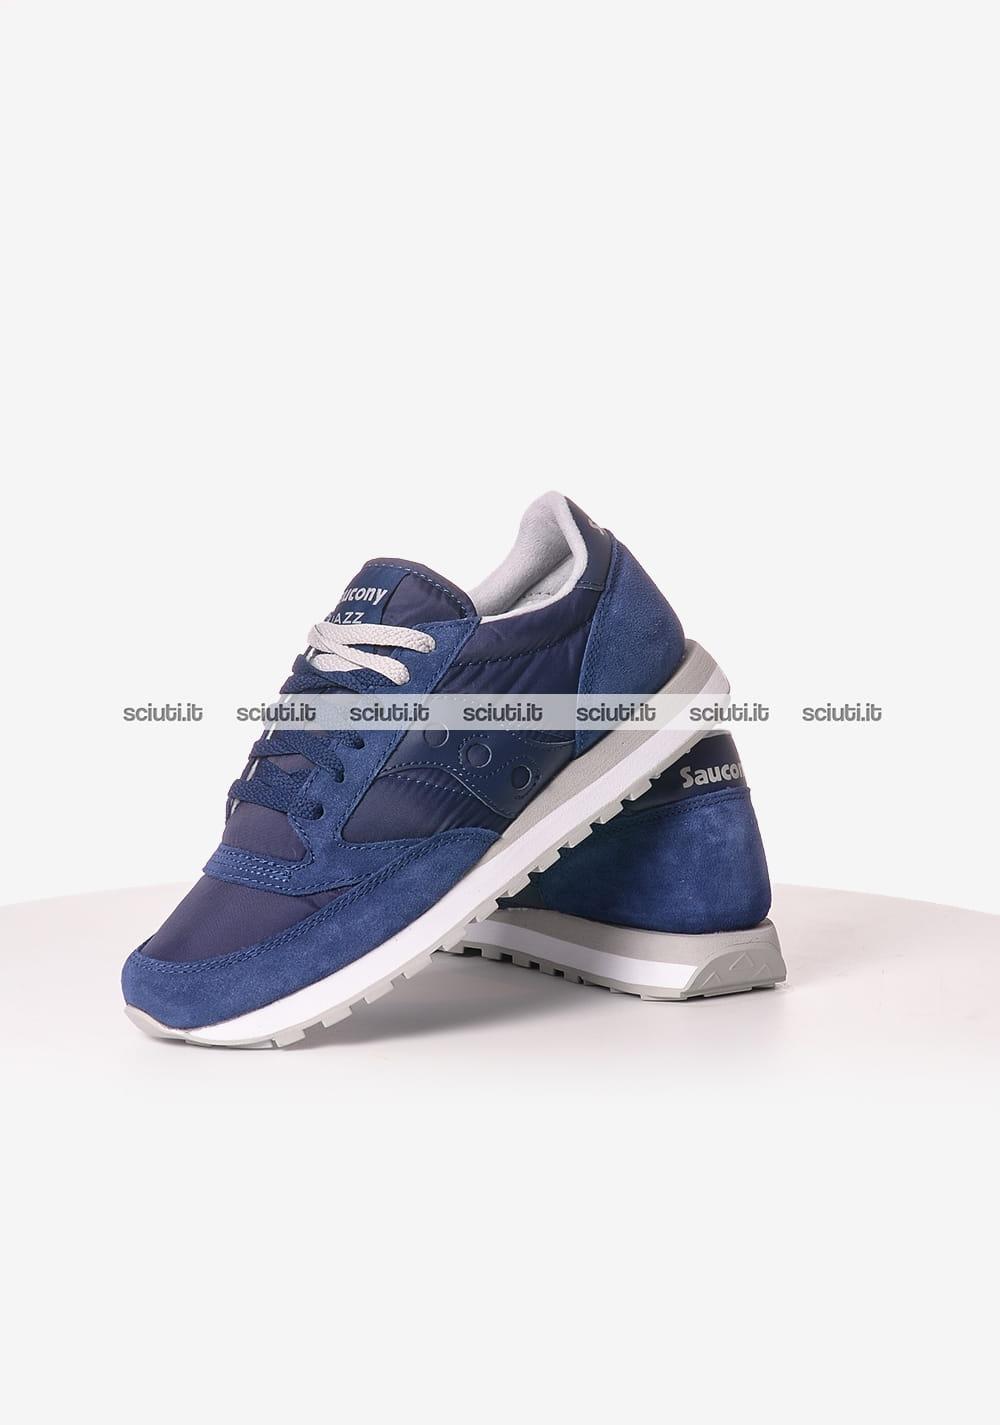 Scarpe Saucony uomo Jazz blu navy  12f2915c136